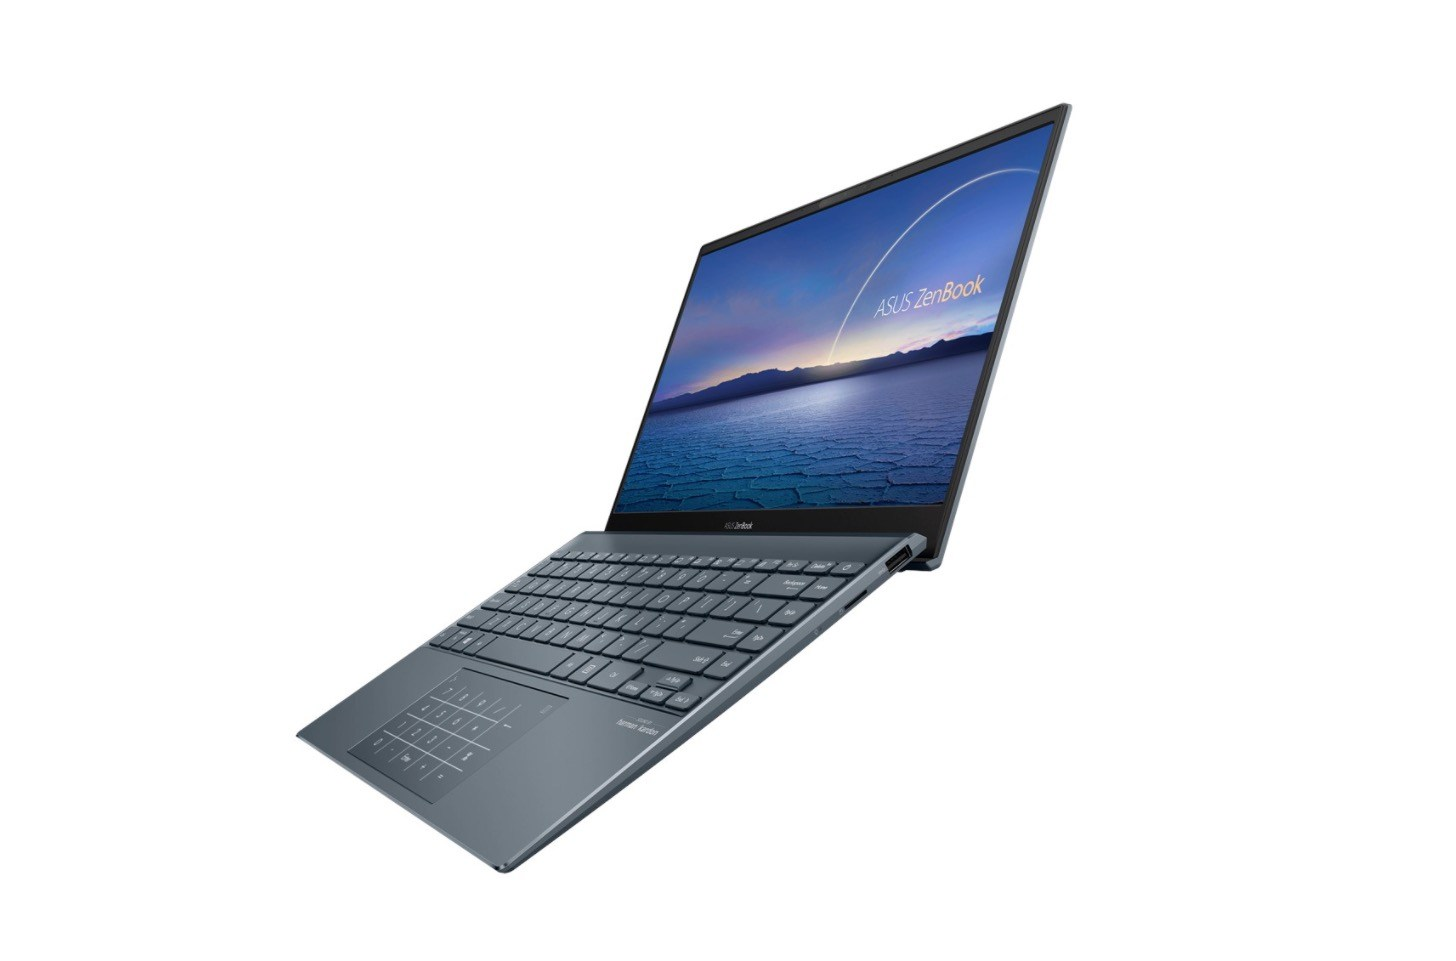 Asus annonce ses ZenBook 13 et 14 : deux ultraportables à l'autonomie canon